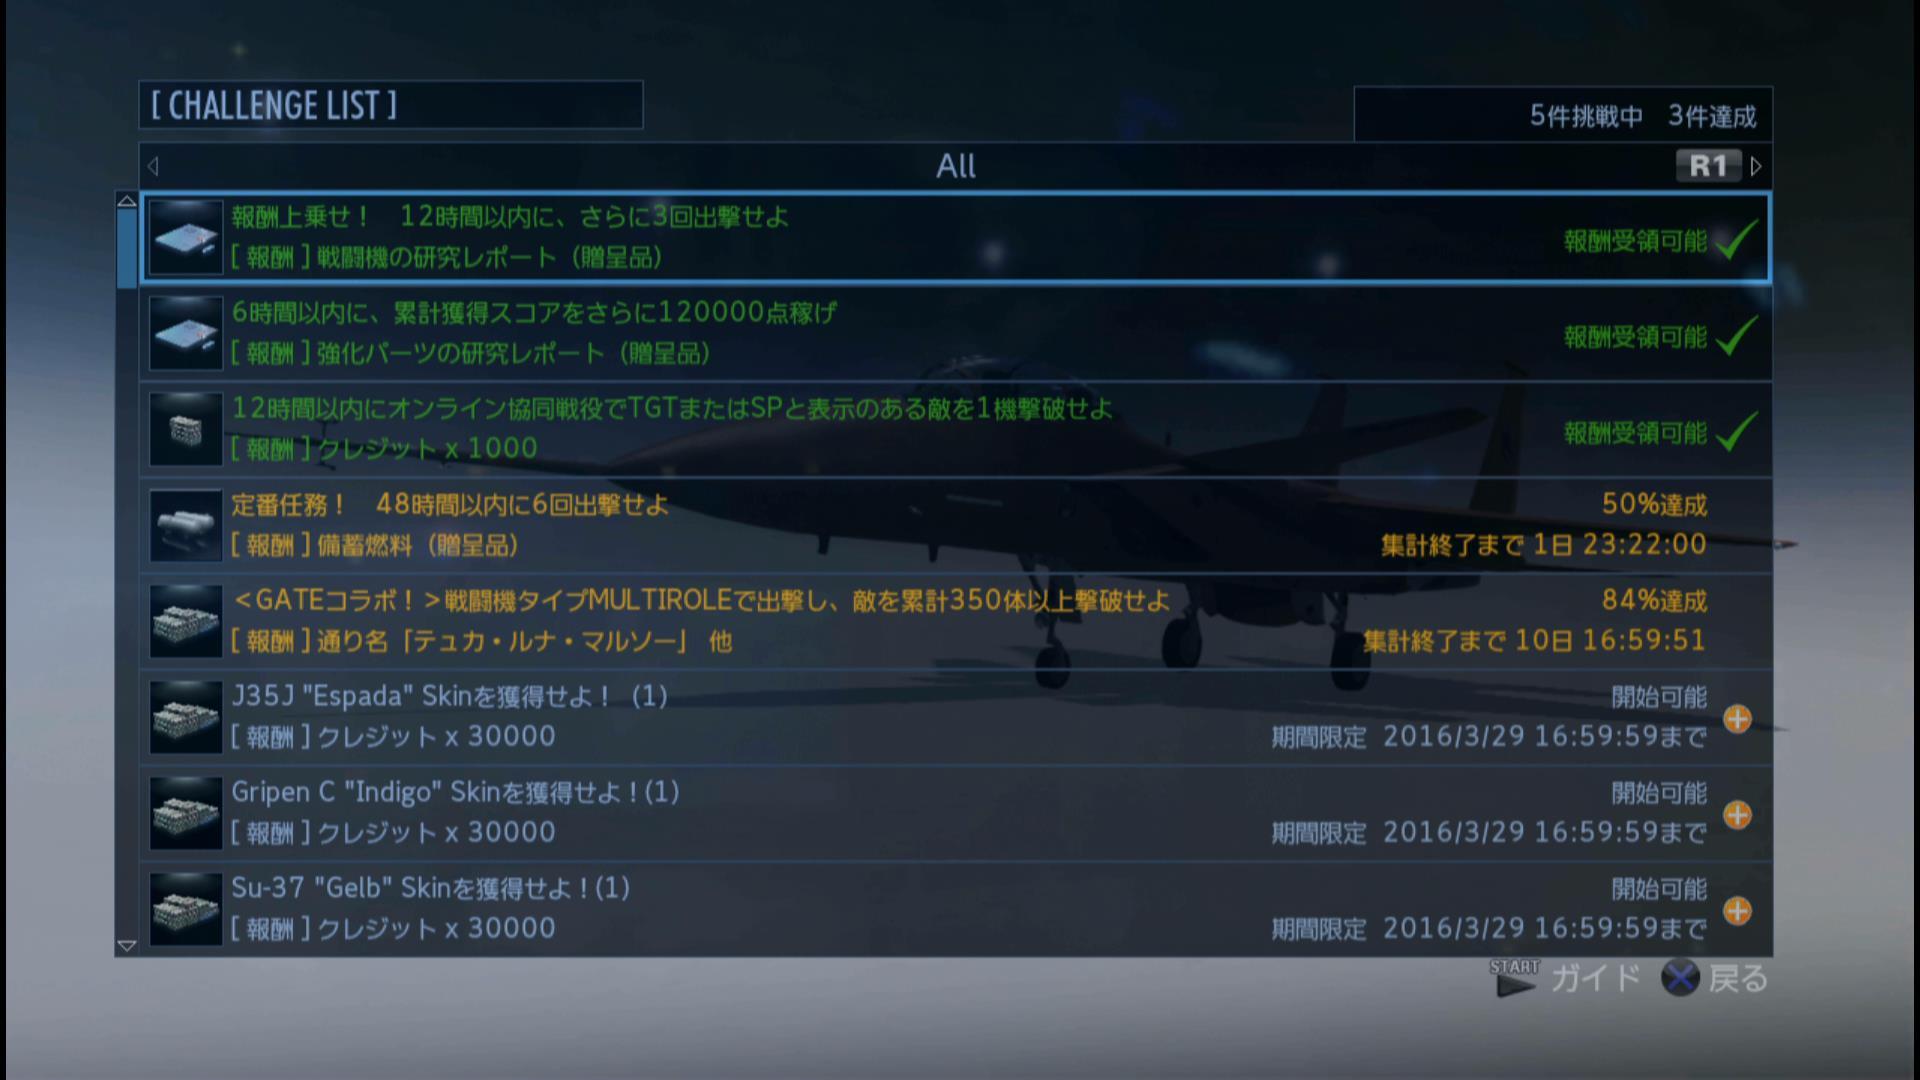 P_Mar04_000007